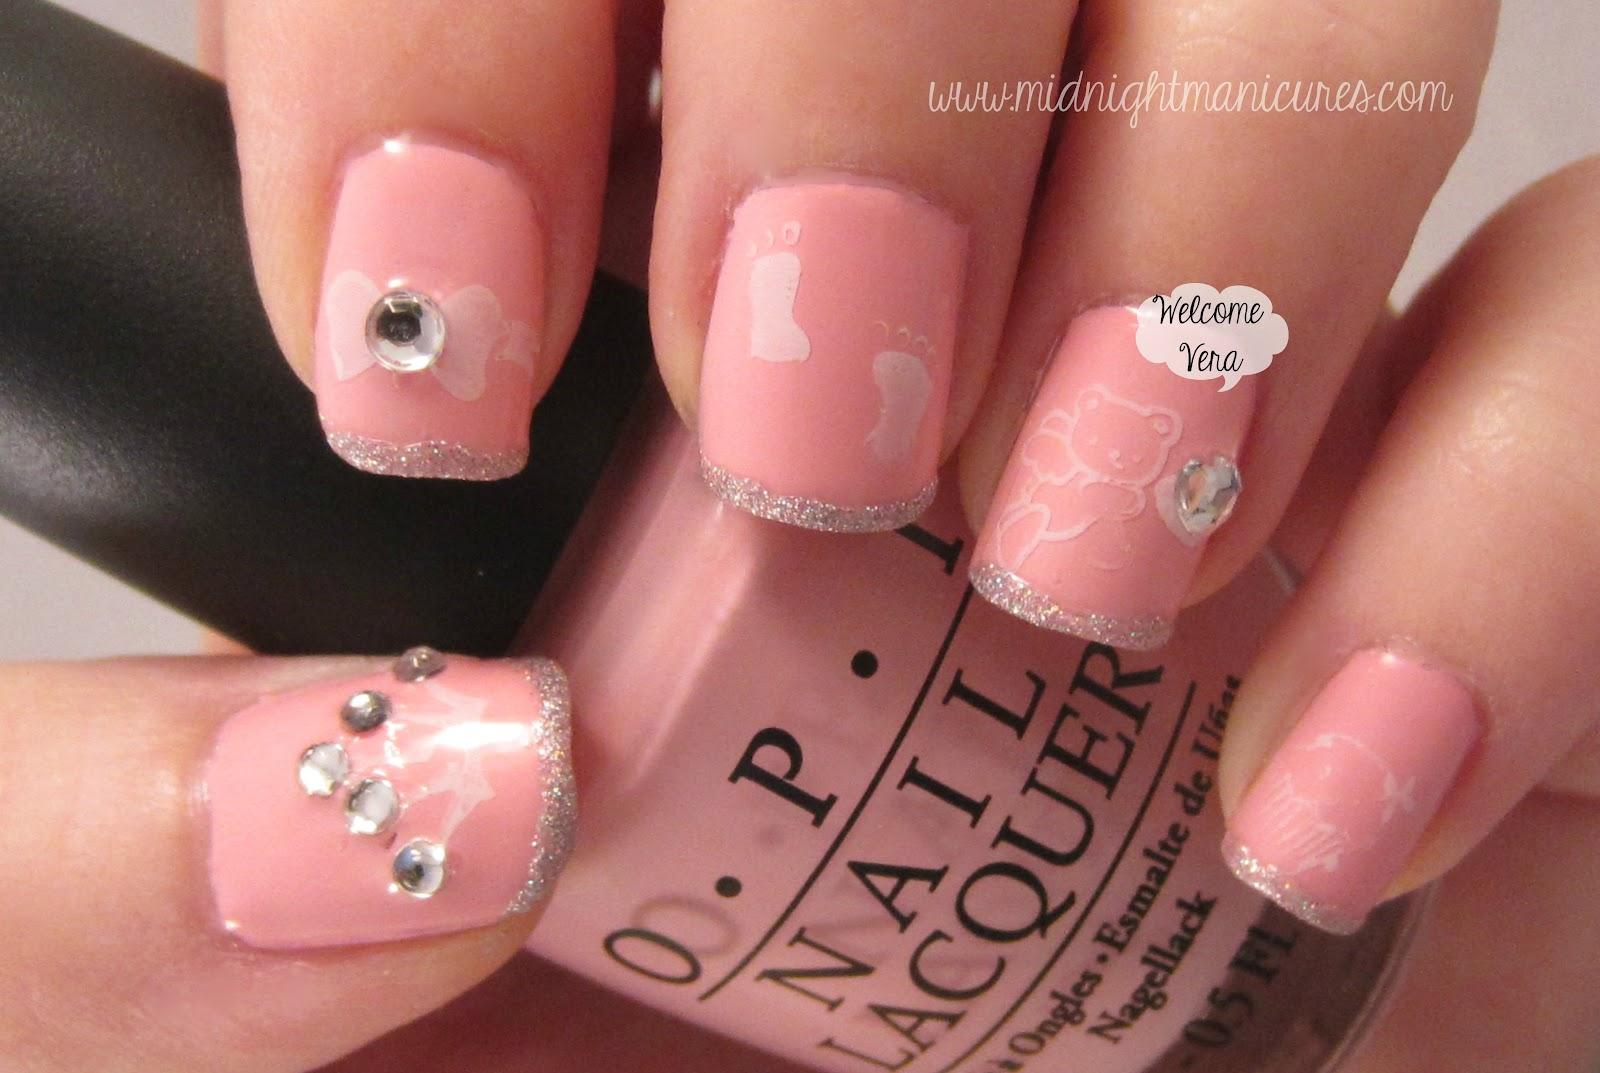 Nail art design 2014 hot pink nail art for summer hot pink nail art for summer prinsesfo Gallery